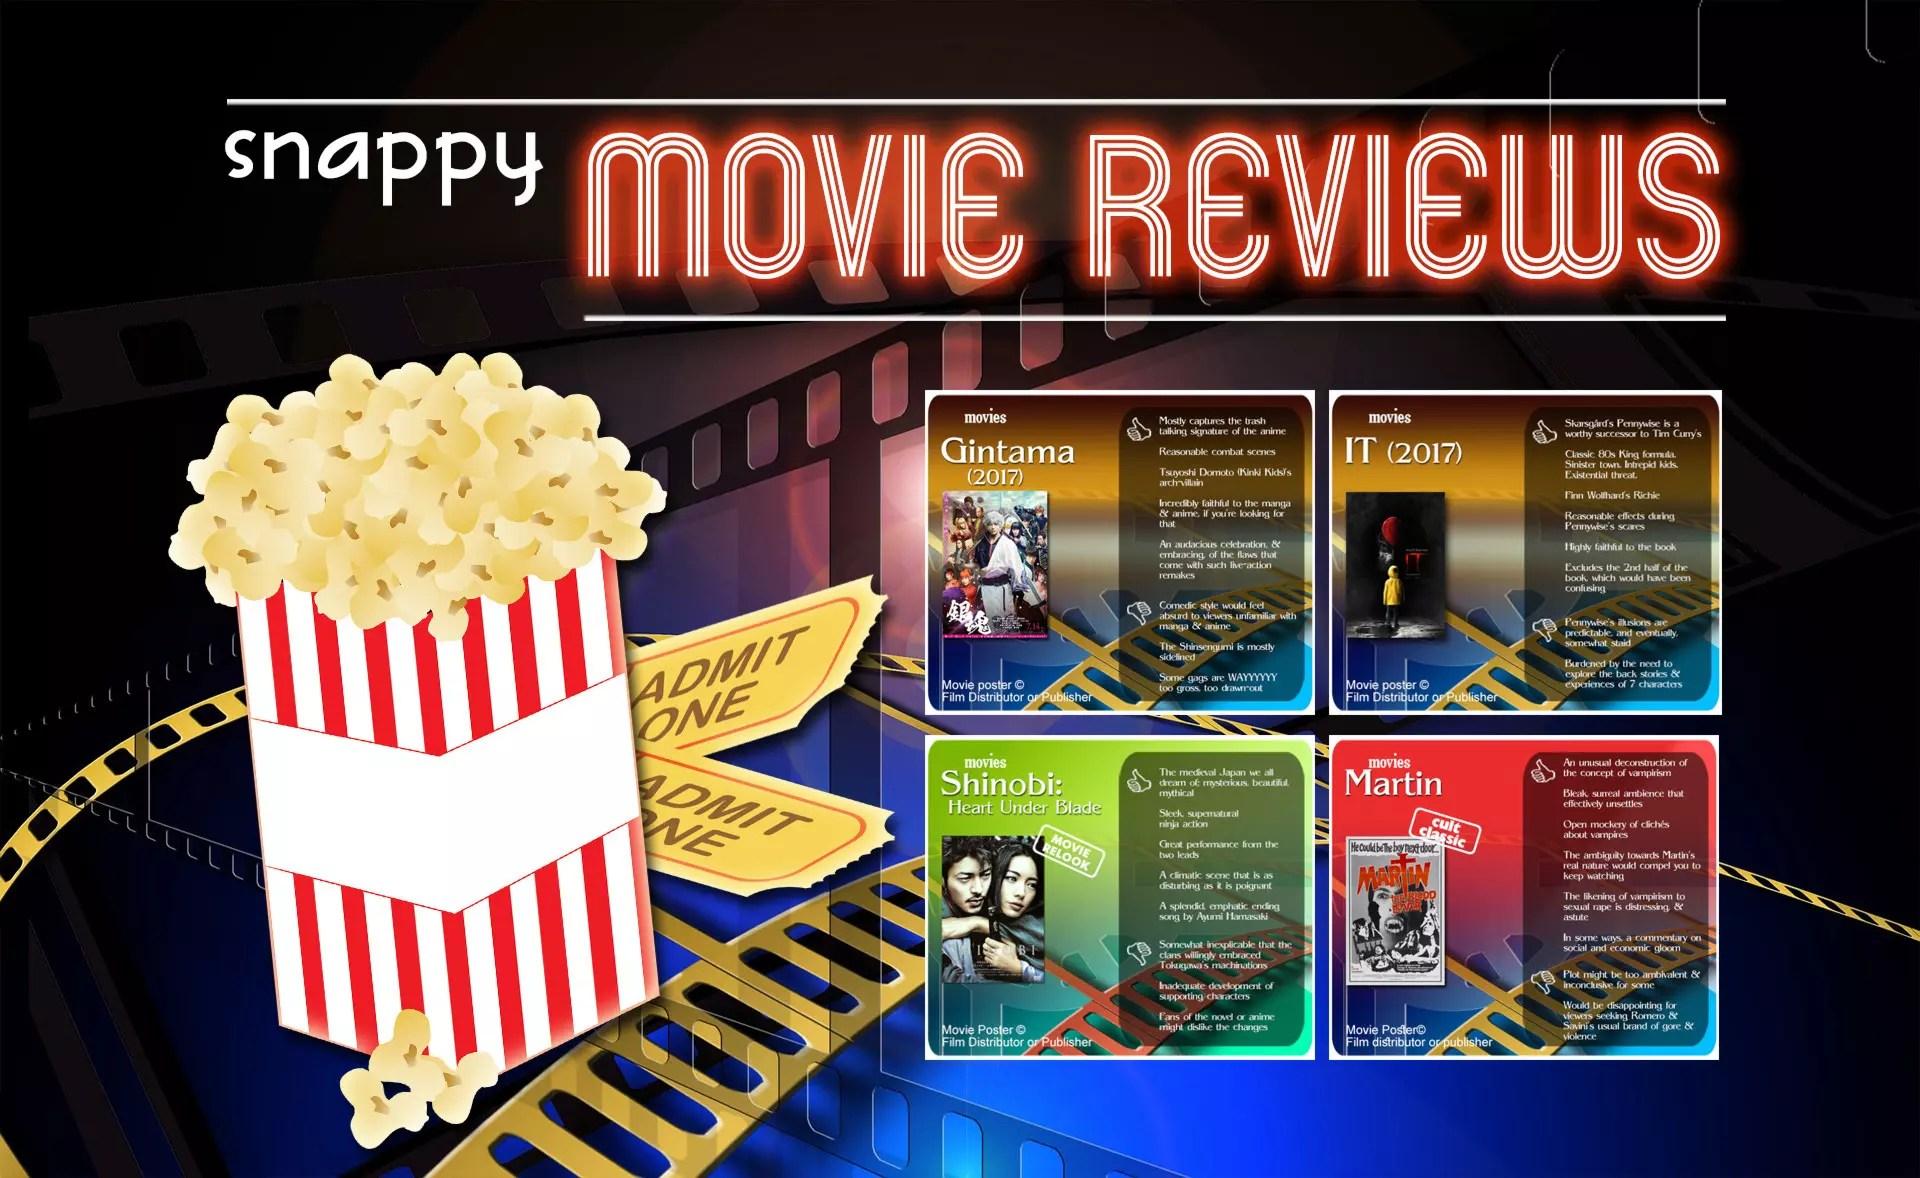 Snappy Movie Reviews